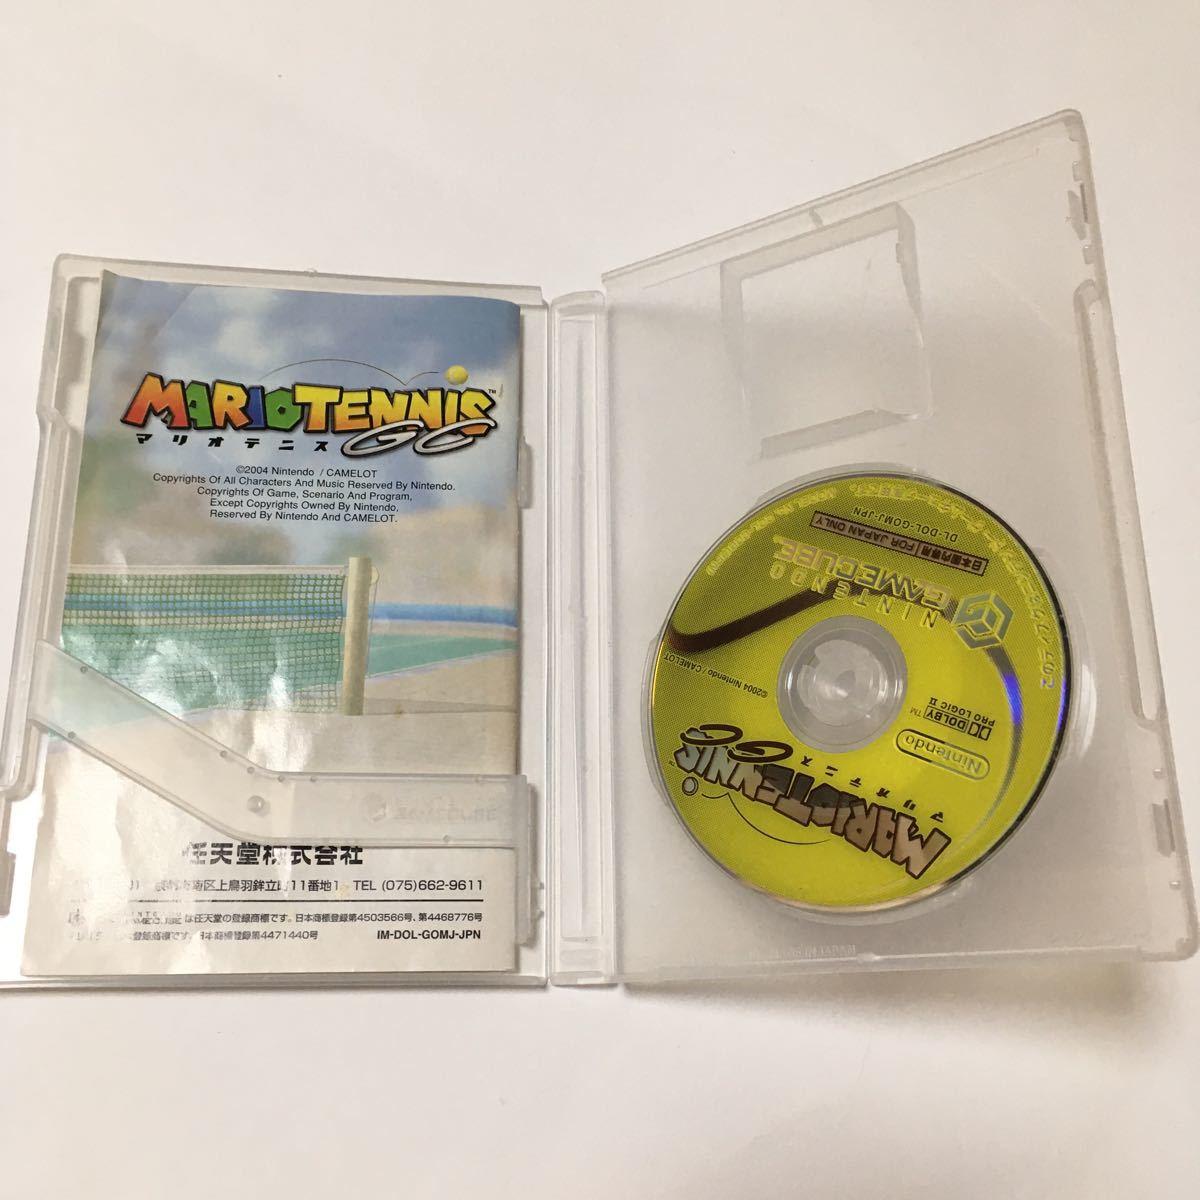 ゲームキューブ ソフト マリオテニスGC  動作確認済み マリオスタジアムとセットで700円!